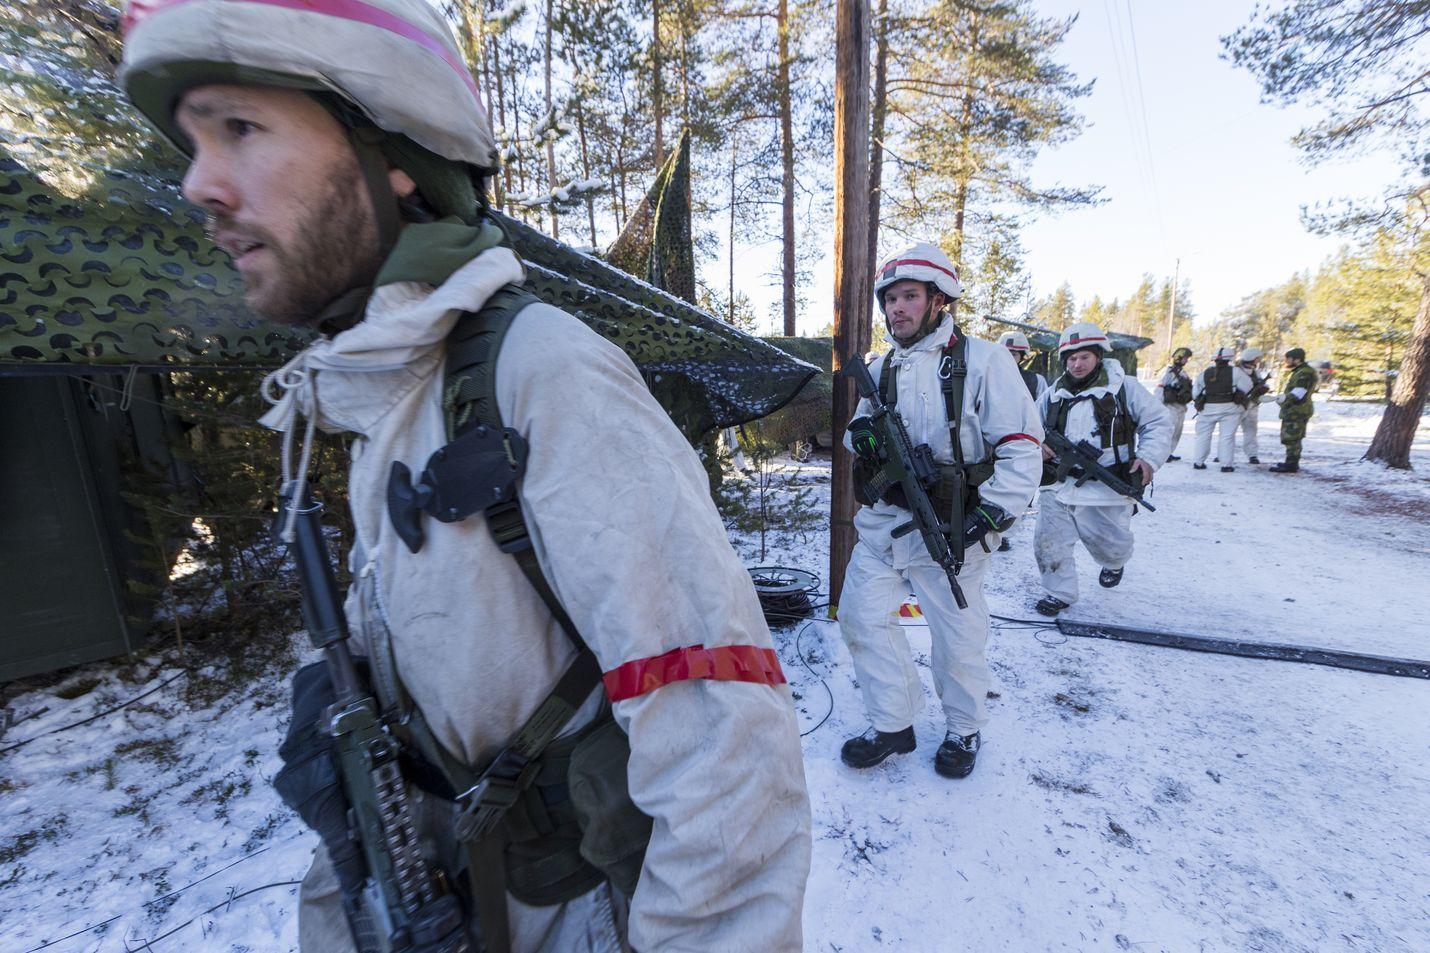 Reilut 2 000 ruotsalaista sotilasta osallistui Naton Trident Juncture -sotaharjoitukseen lokakuussa 2018 Norjassa. Myös Suomi oli mukana.